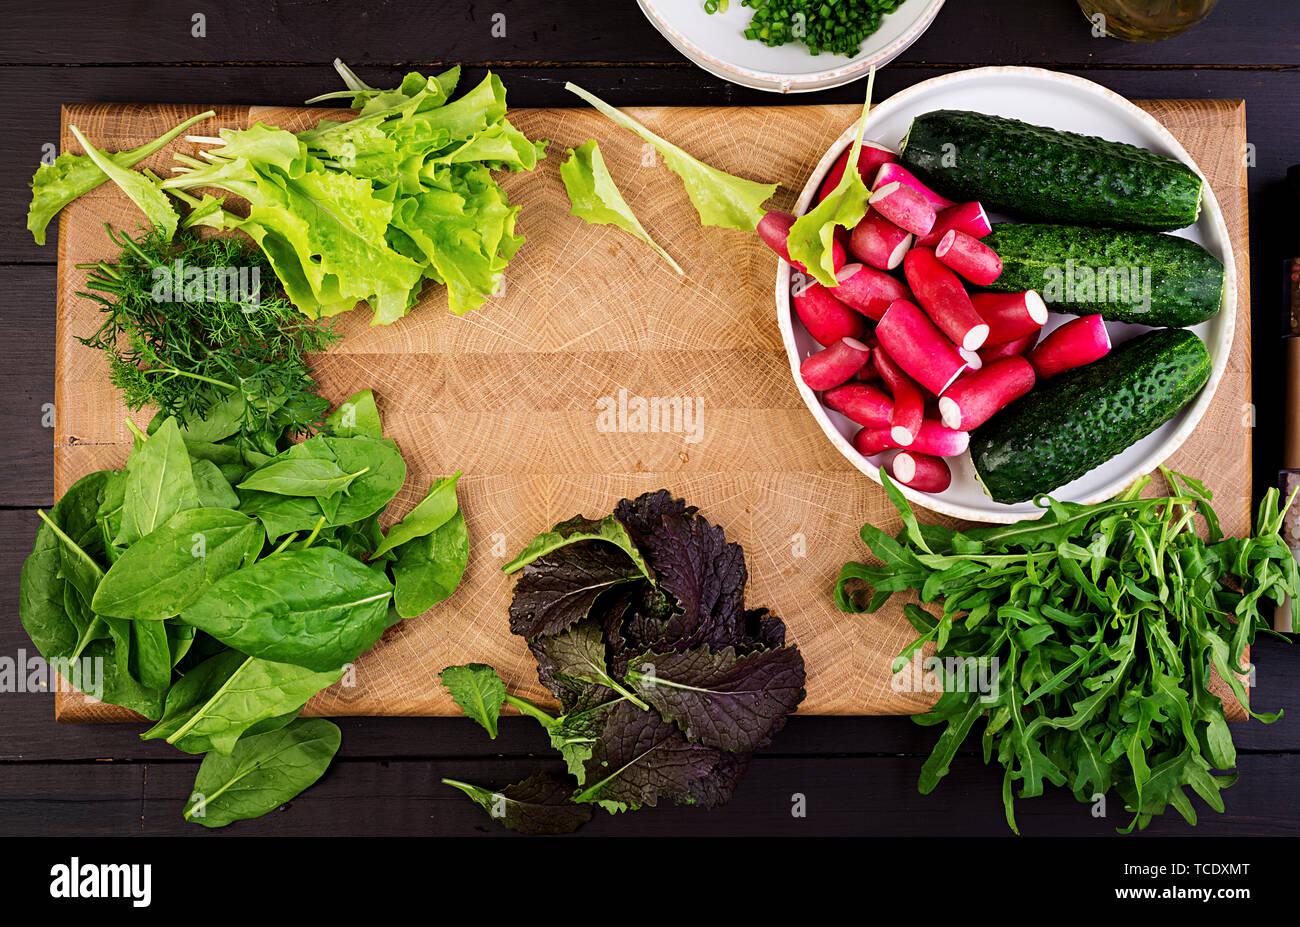 Zutaten für frischen Salat aus Gurken, Radieschen und Kräutern. Flach. Ansicht von oben Stockfoto